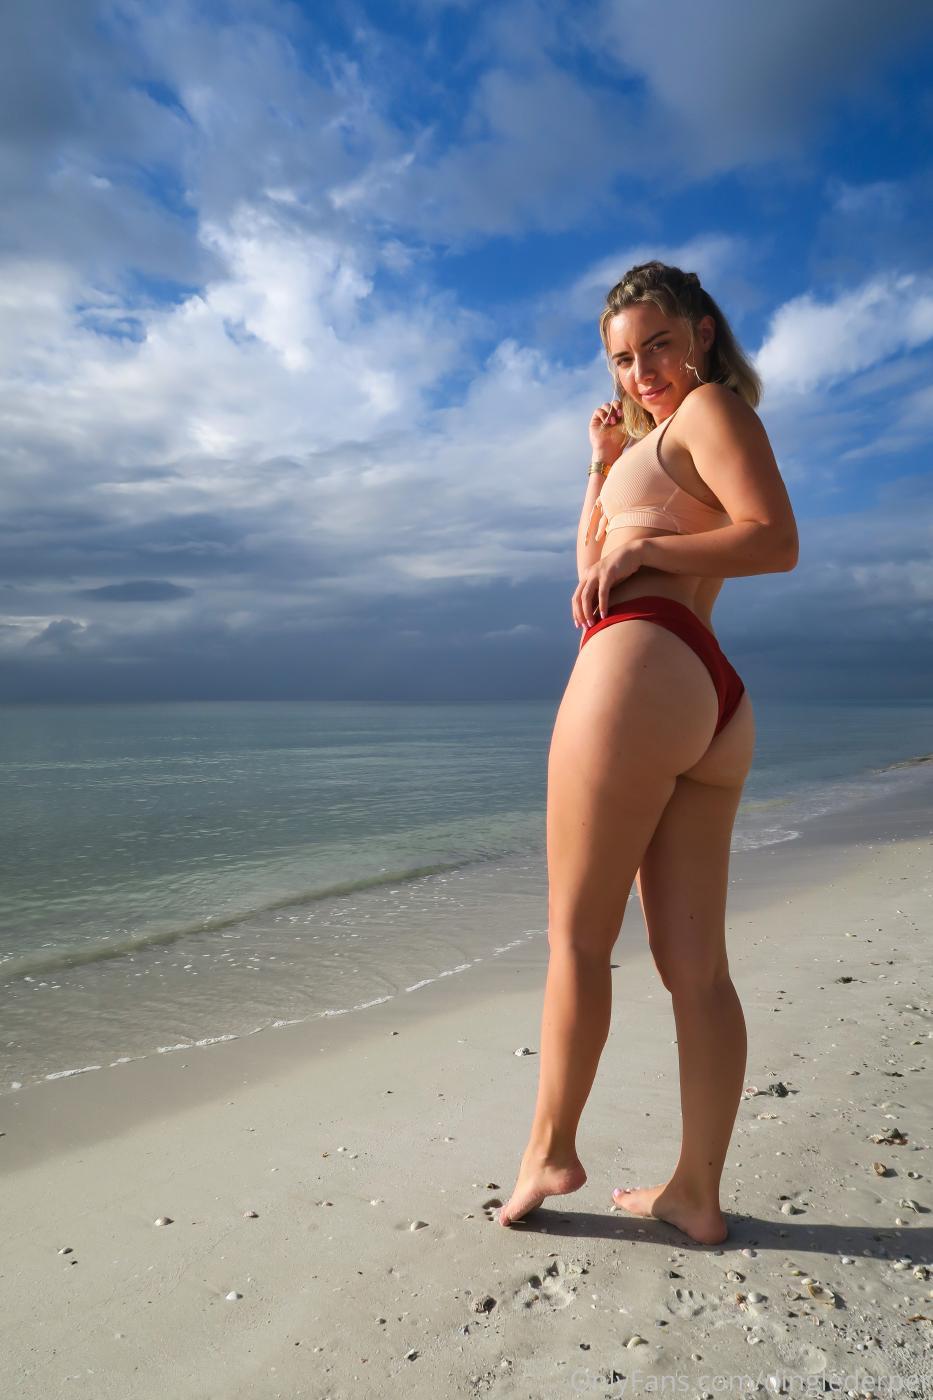 Dinglederper Beach Onlyfans Set Leaked 0022